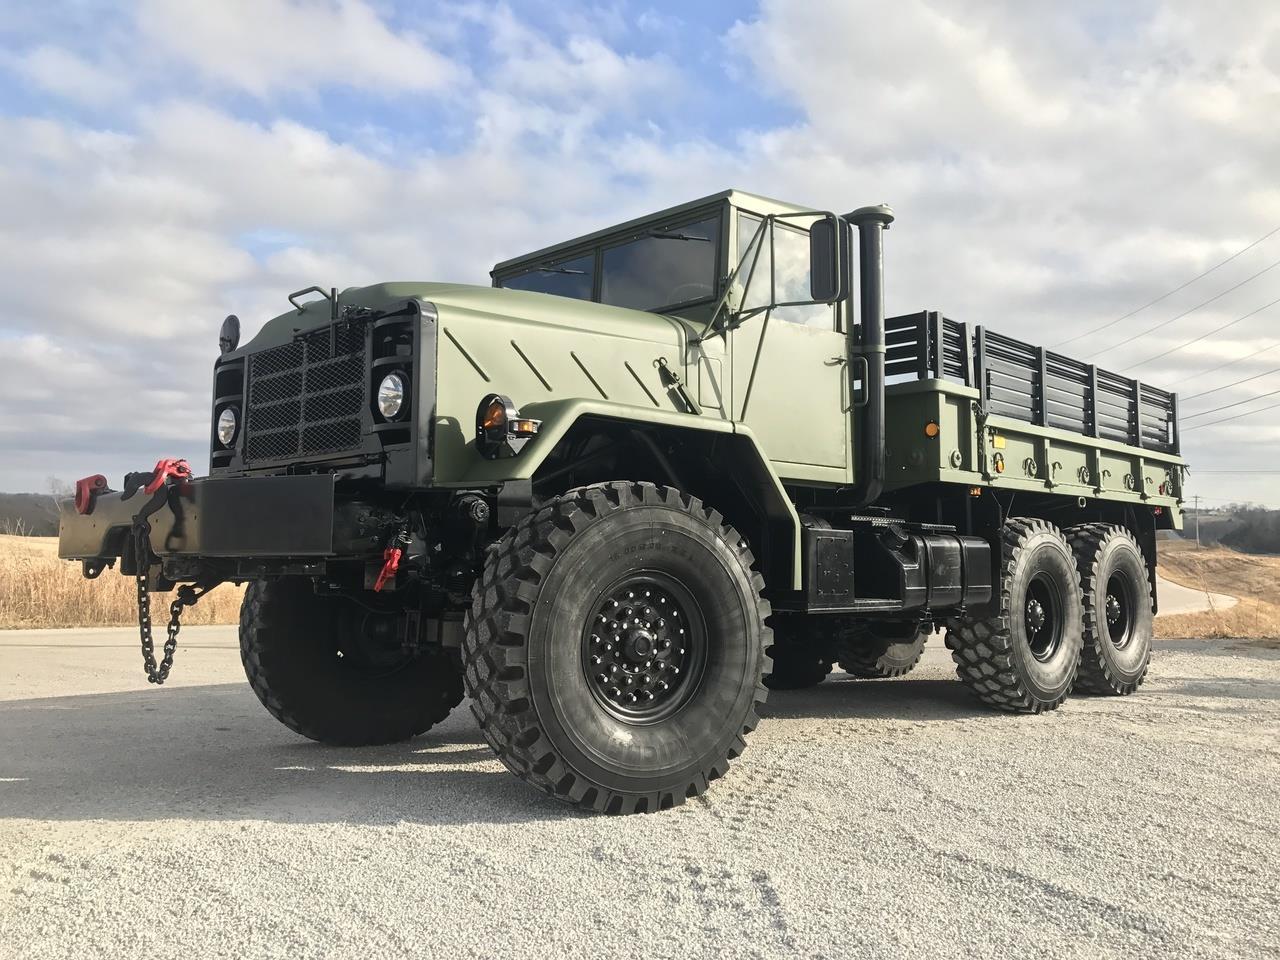 M900 Series Trucks